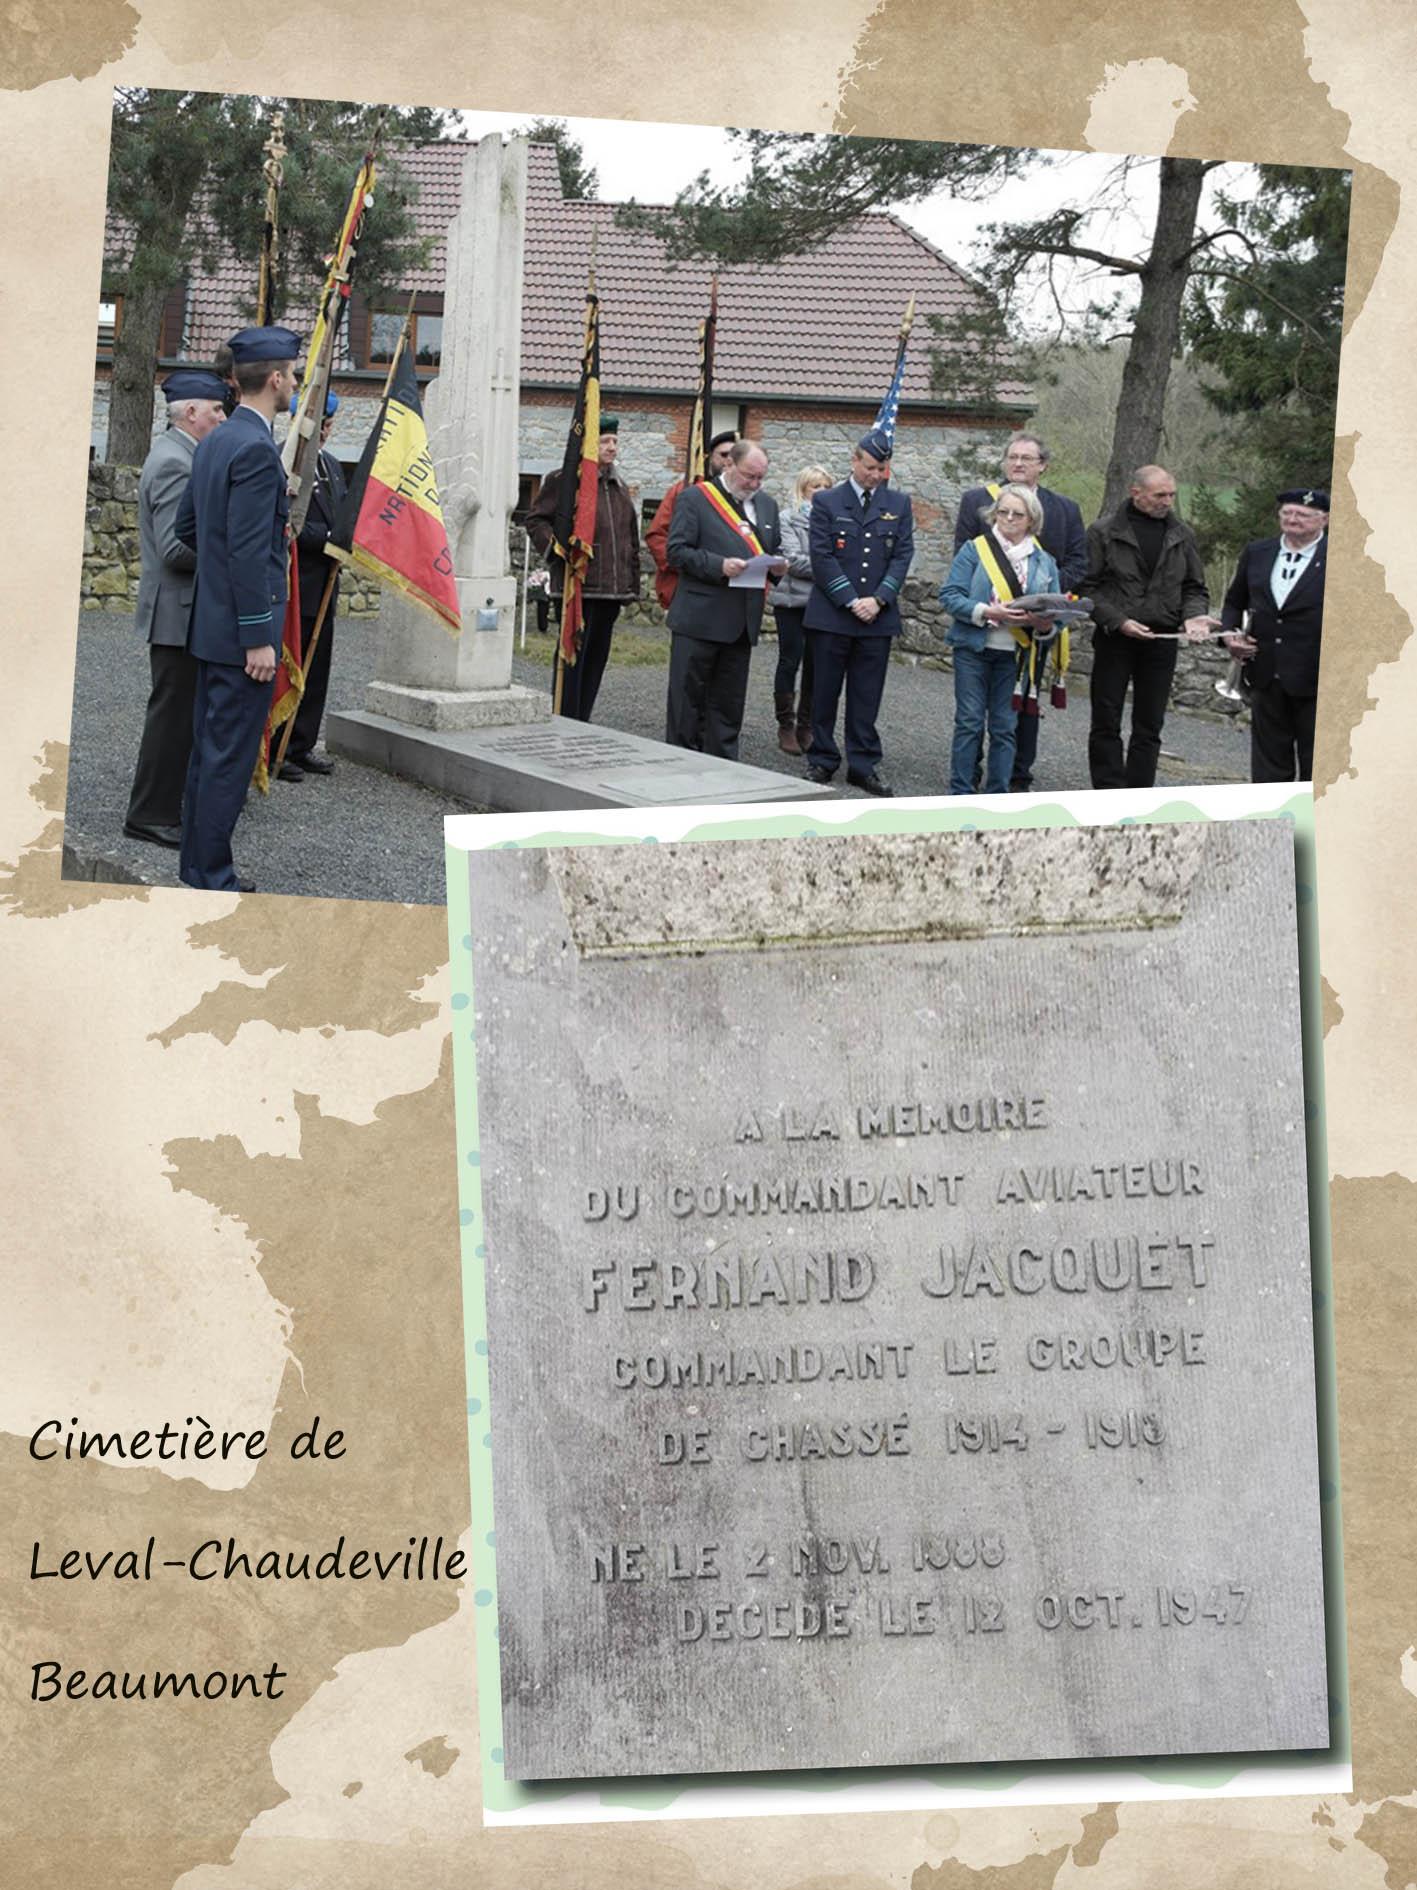 site to be cimetière leval chaudeville beaumont